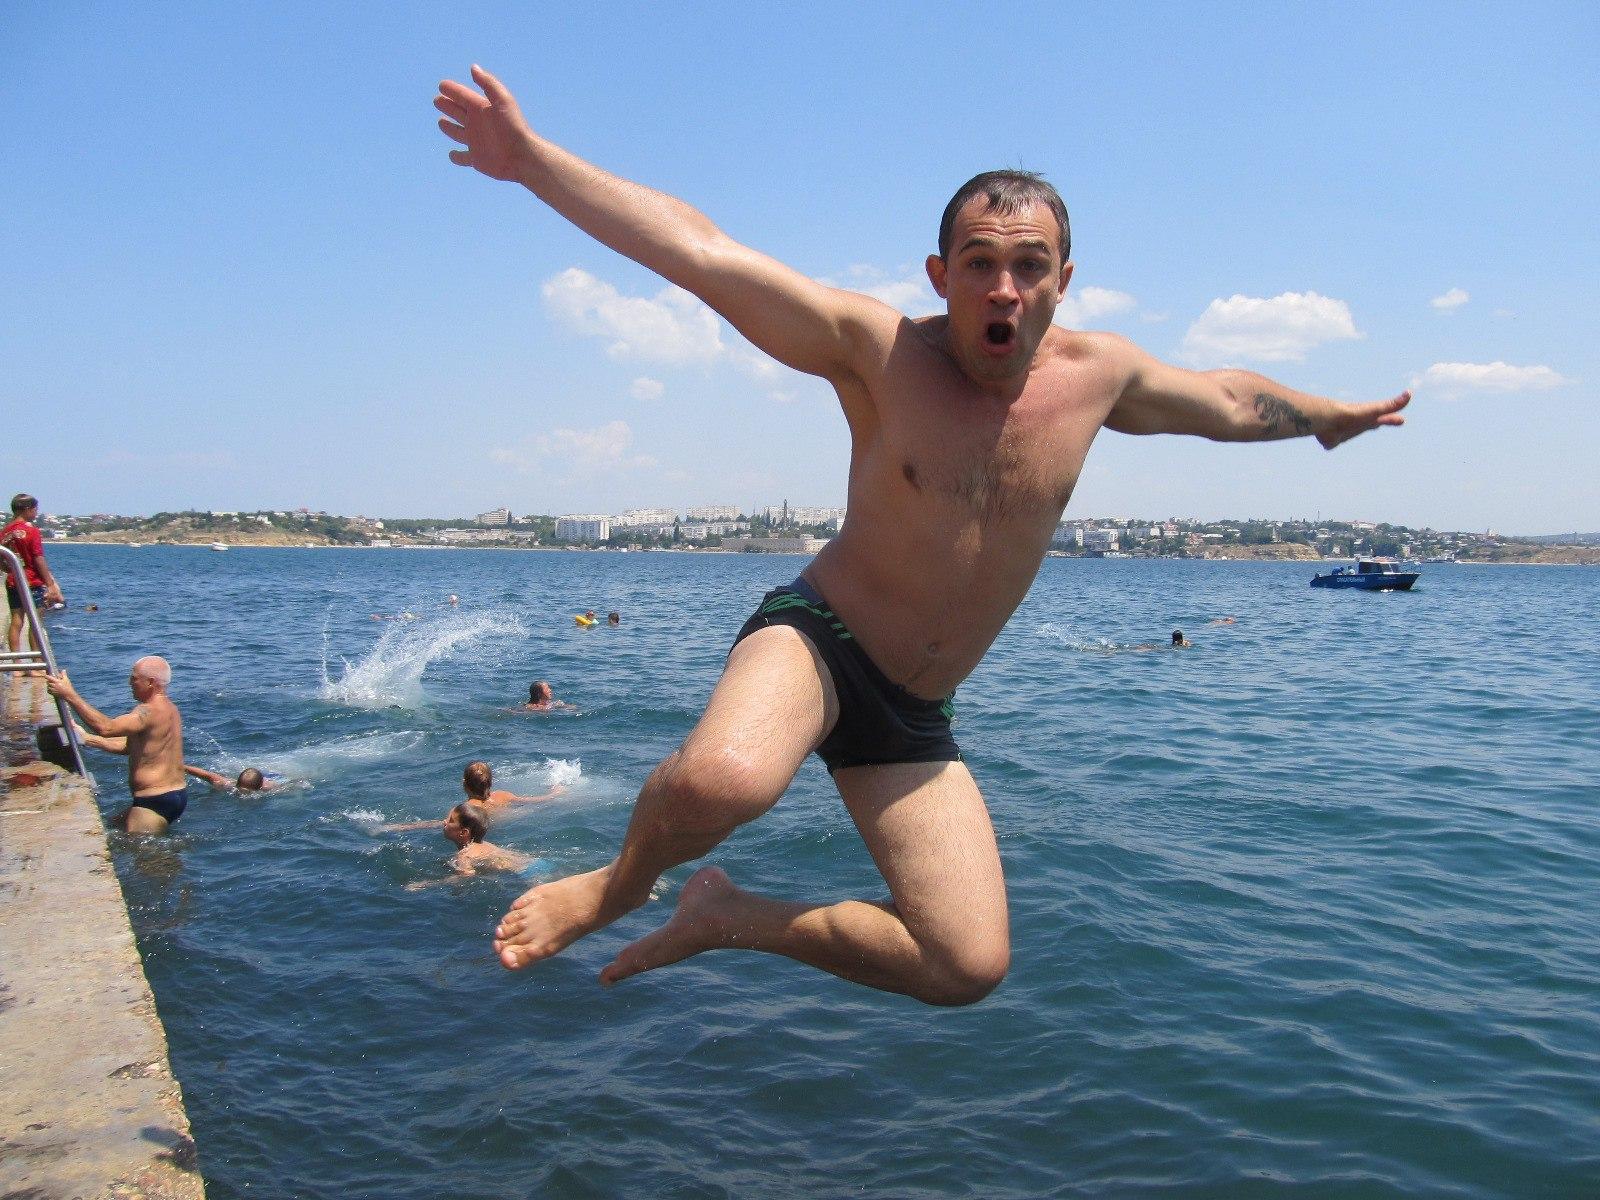 Фото мужчин 40 лет (18 фото) - Ruslan, 43 года, Херсон